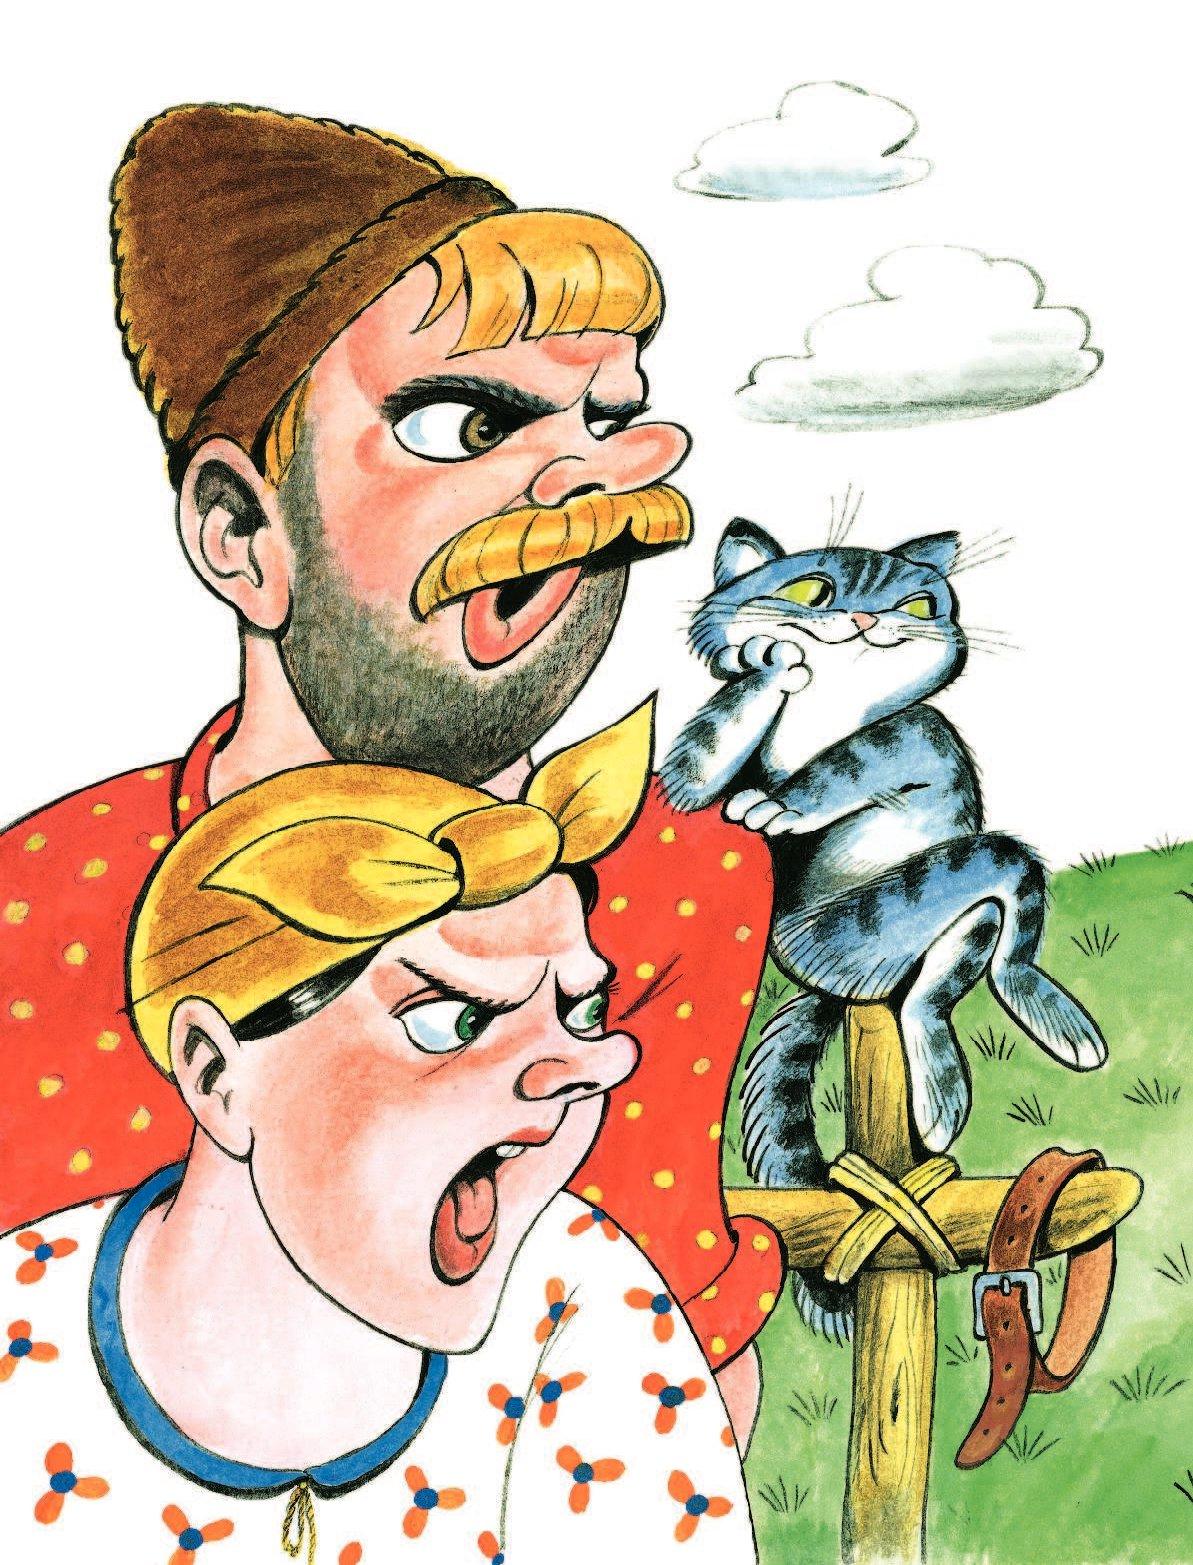 прикольные картинки из русских сказок вечерю